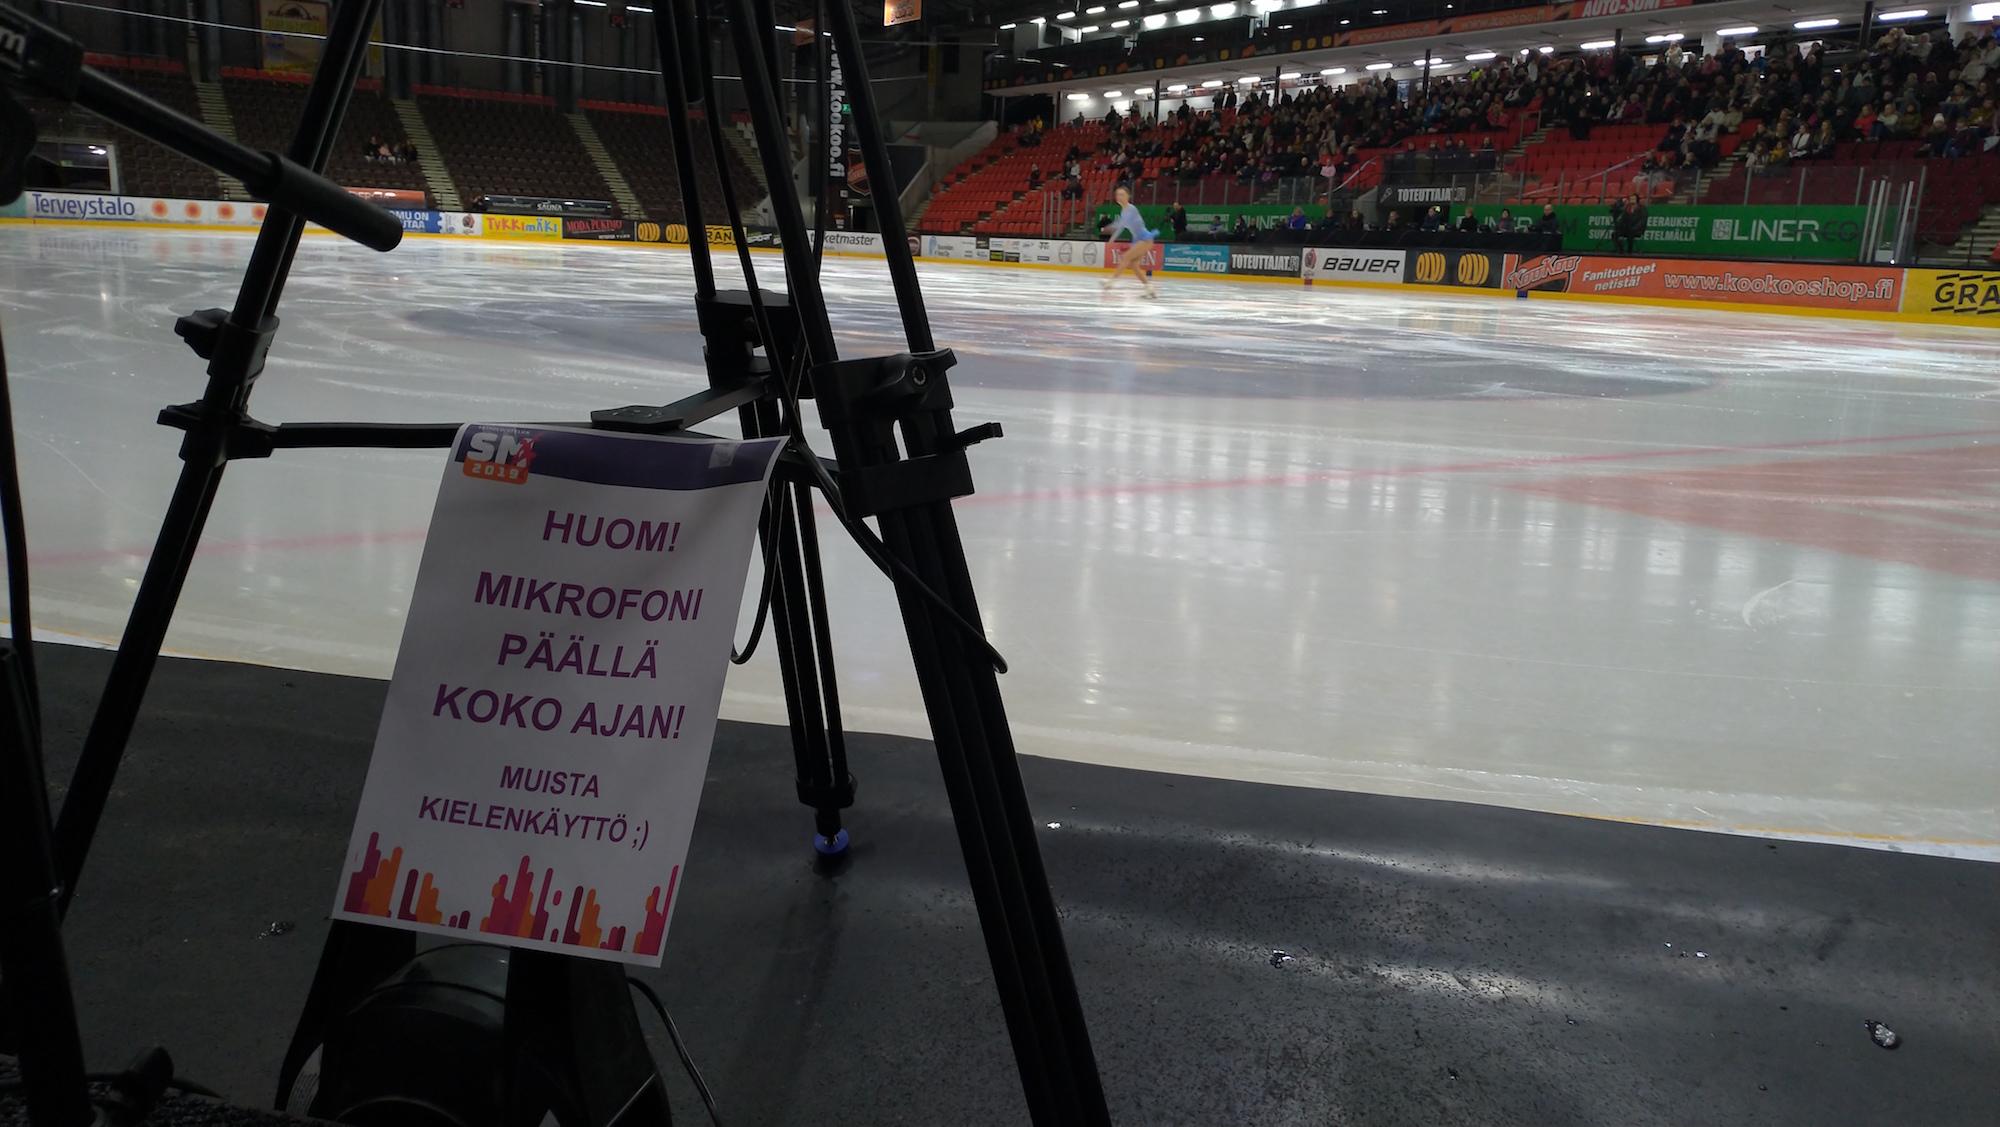 Näkymä Kiss'n'Cry –nurkkauksesta jäälle. Oman suorituksensa jälkeen SM-kilpailijat istahtavat kentän laidalla olevalle sohvalle kameroiden eteen – ja muistavat tämän viestin.